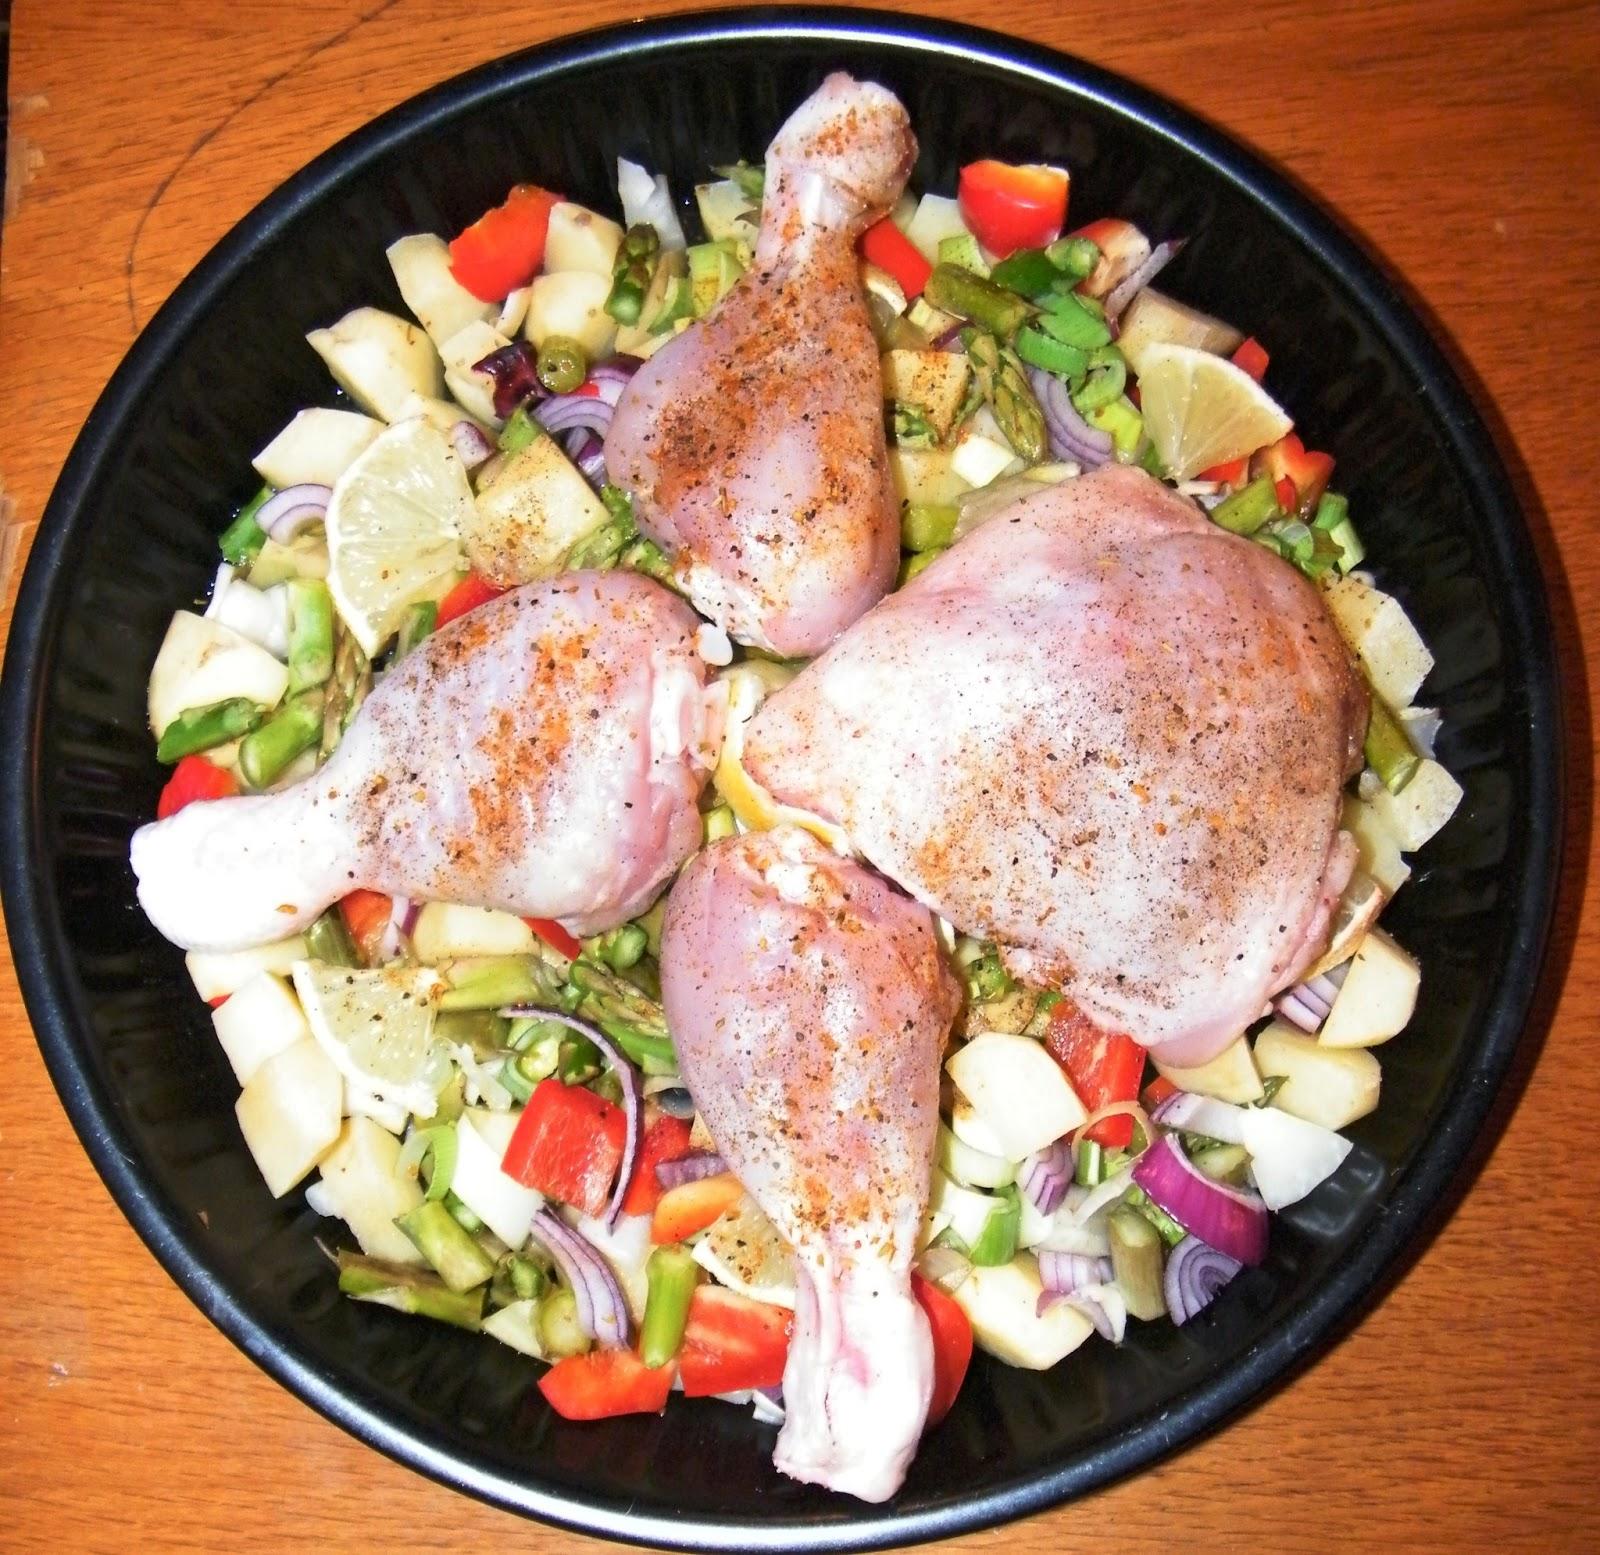 Comer rico y sano: Patatas y verduras al horno - photo#18